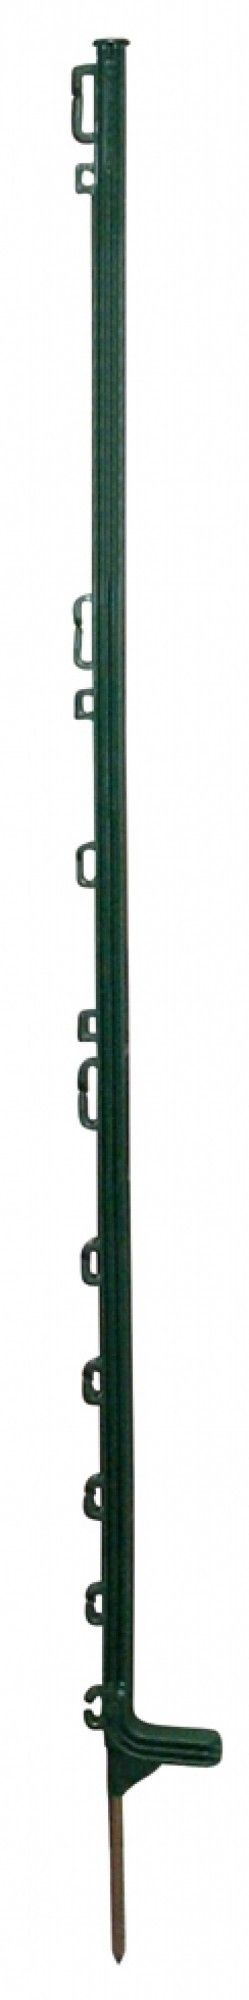 Horizont kunststof weidepaal Smart groen 145cm 10 stuks